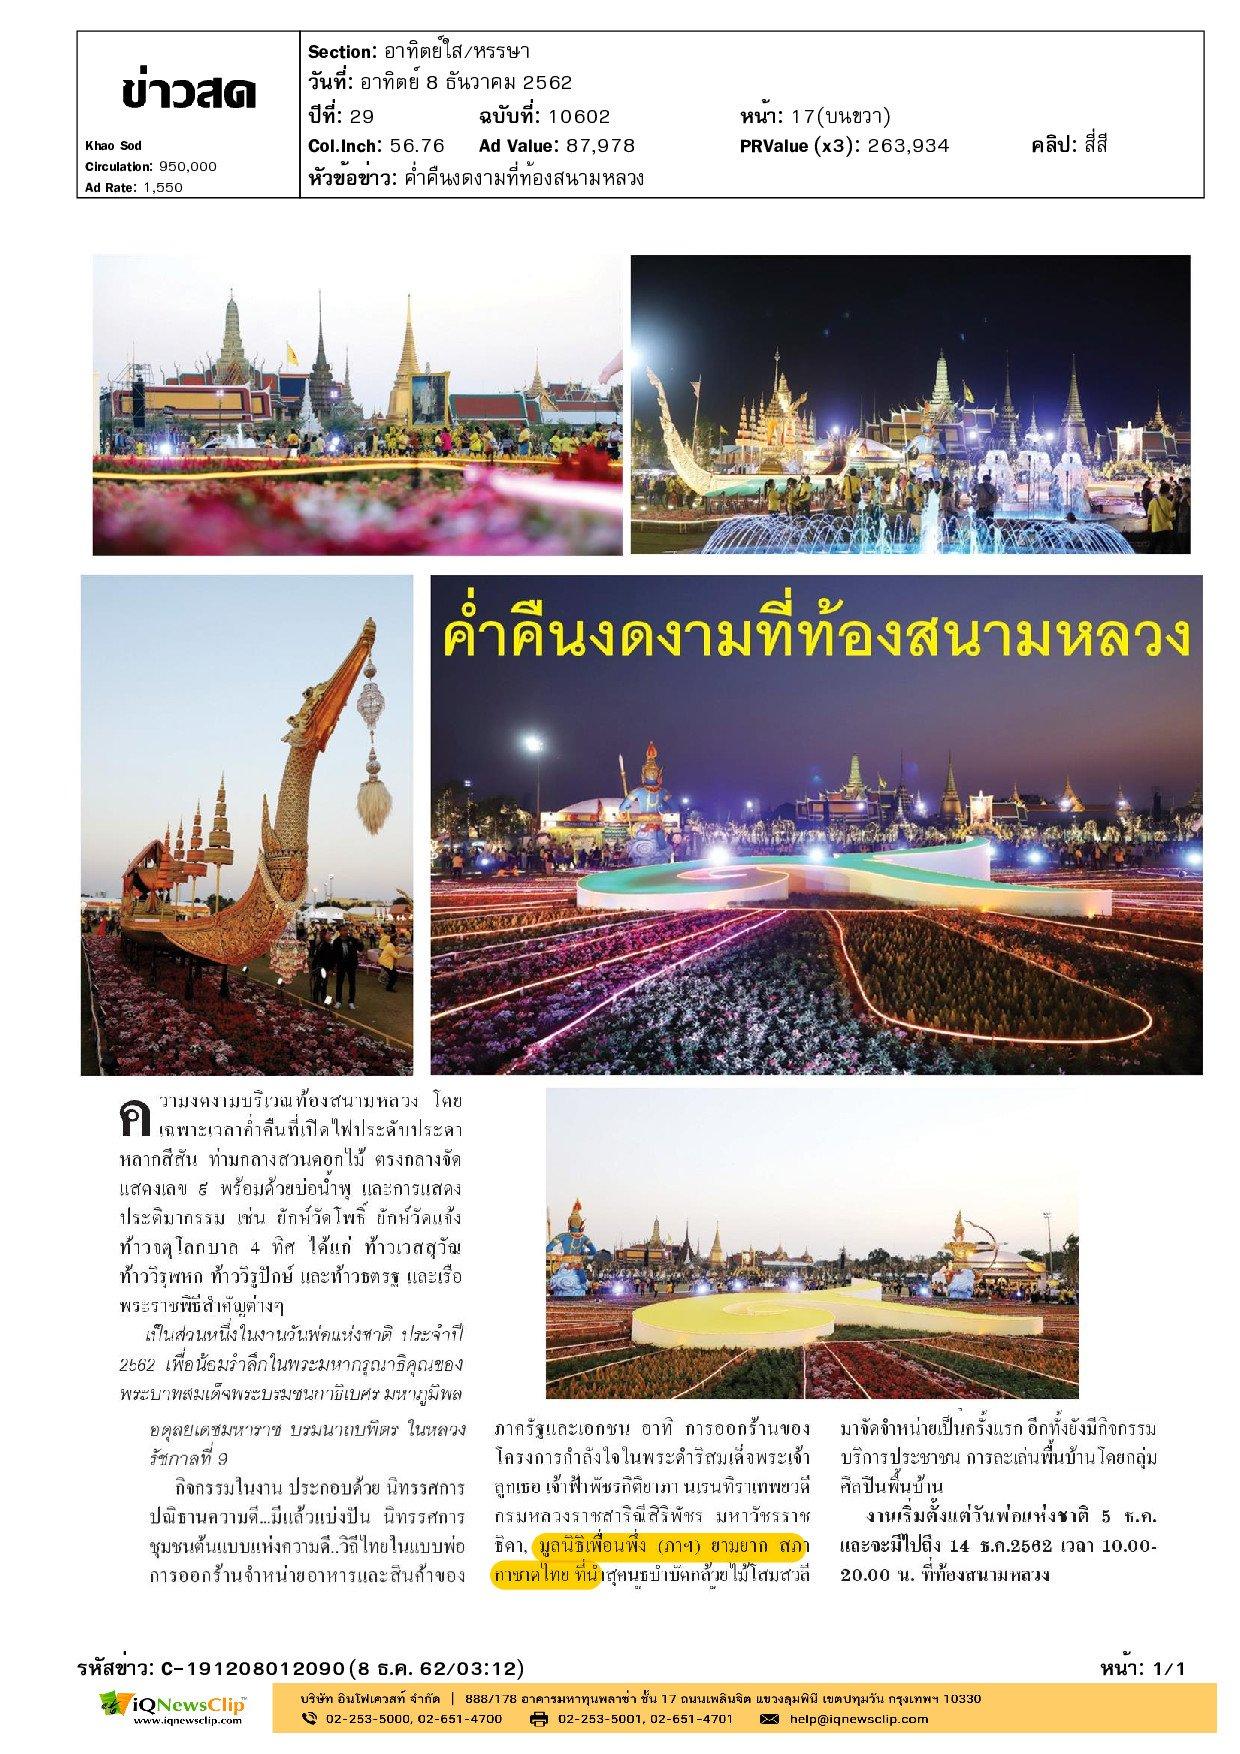 มูลนิธิเพื่อนพึ่ง(ภาฯ) ยามยาก สภากาชาดไทย